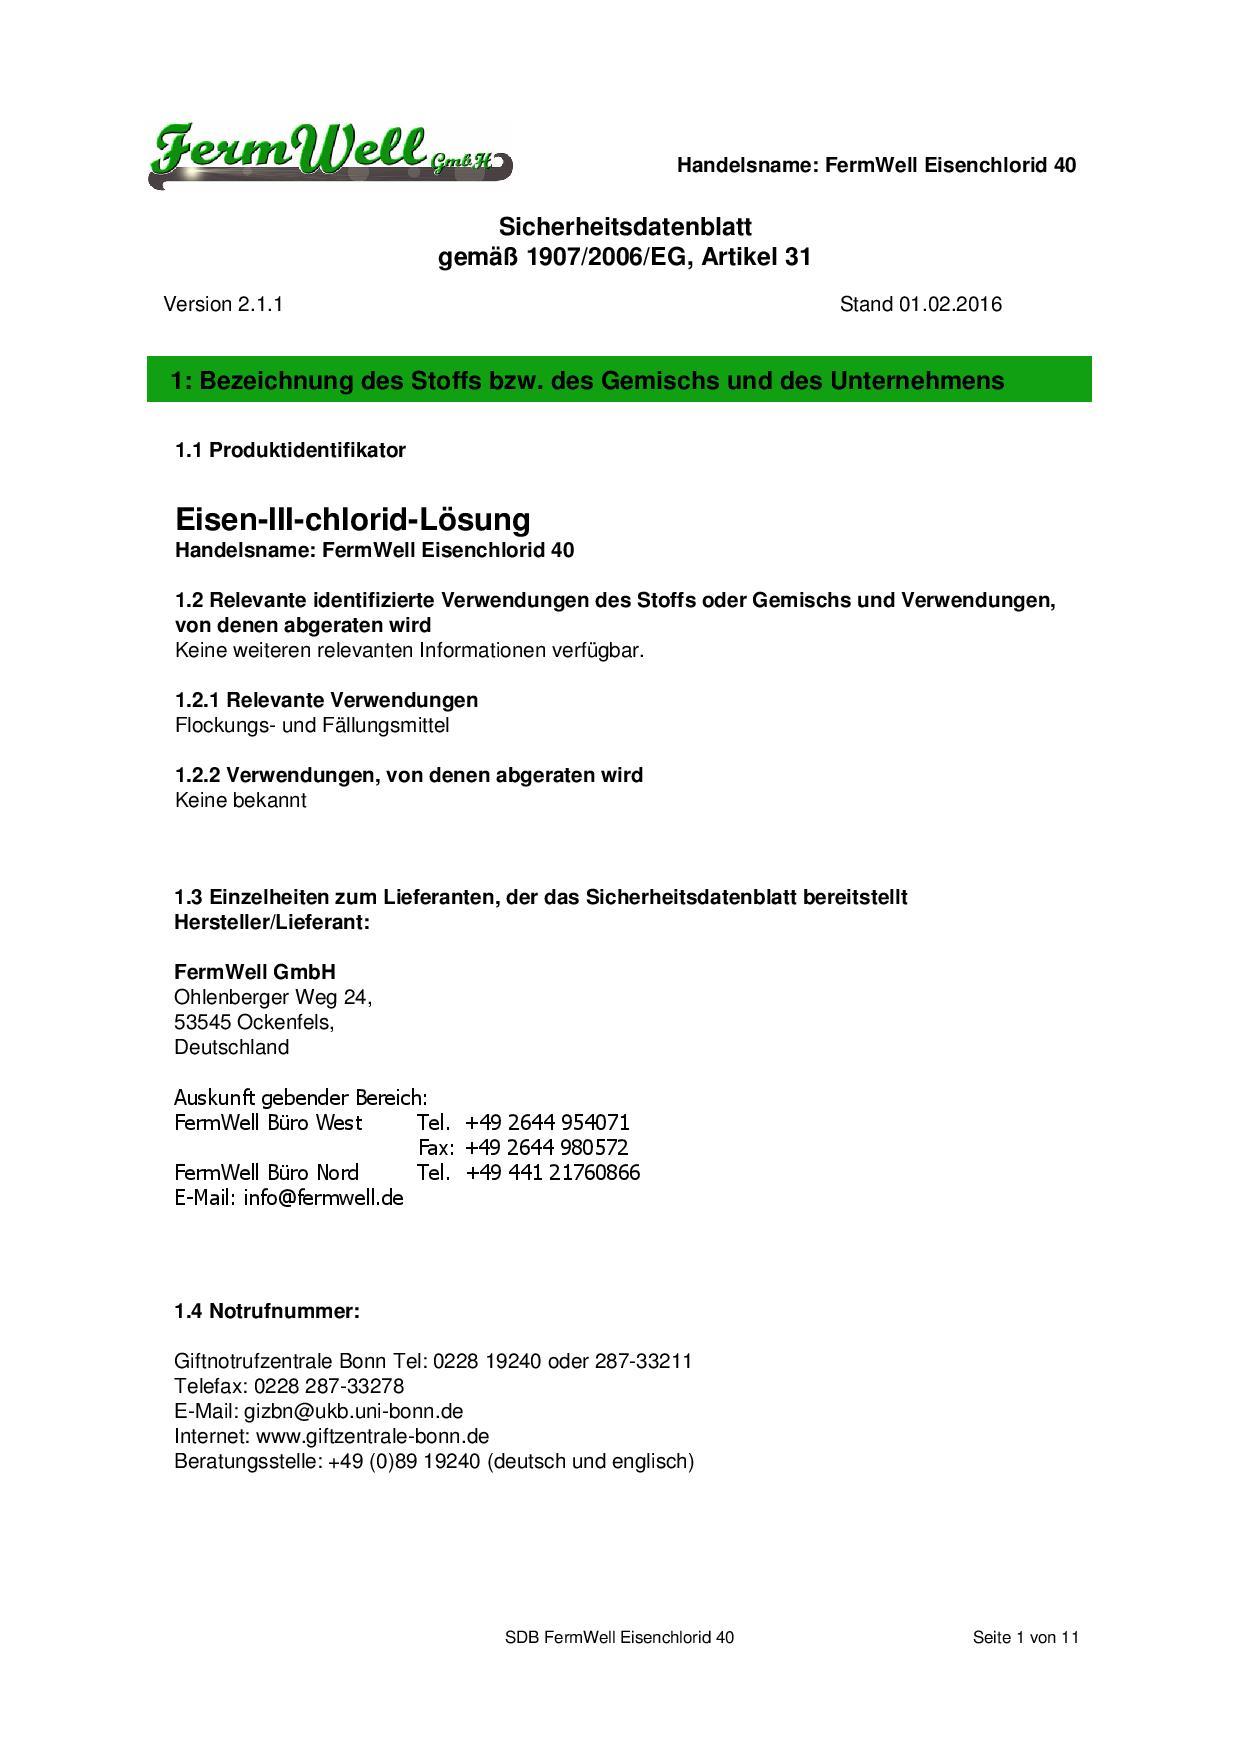 FWG_Eisenchlorid_40 Sicherheitsdb_161129